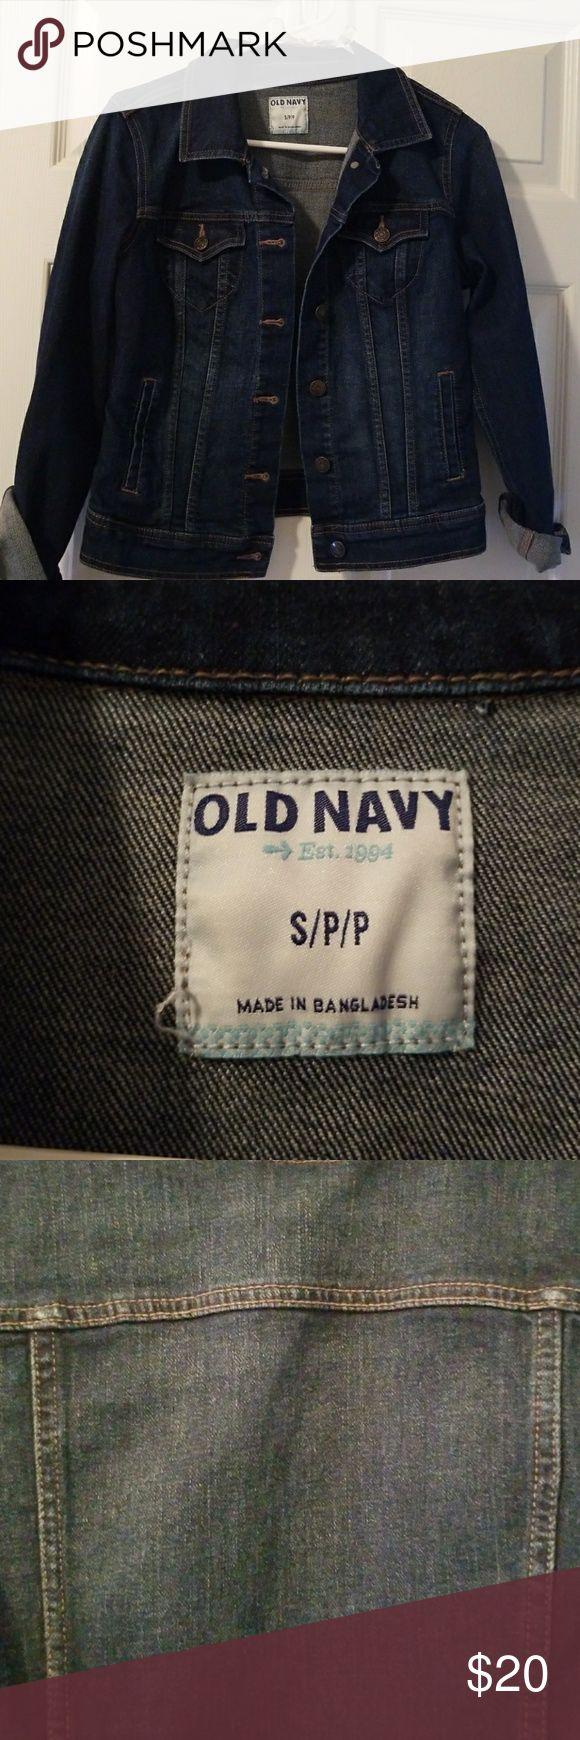 Old Navy Jean Jacket Jean jacket Gently worn Smoke free home Old Navy Jackets & Coats Jean Jackets